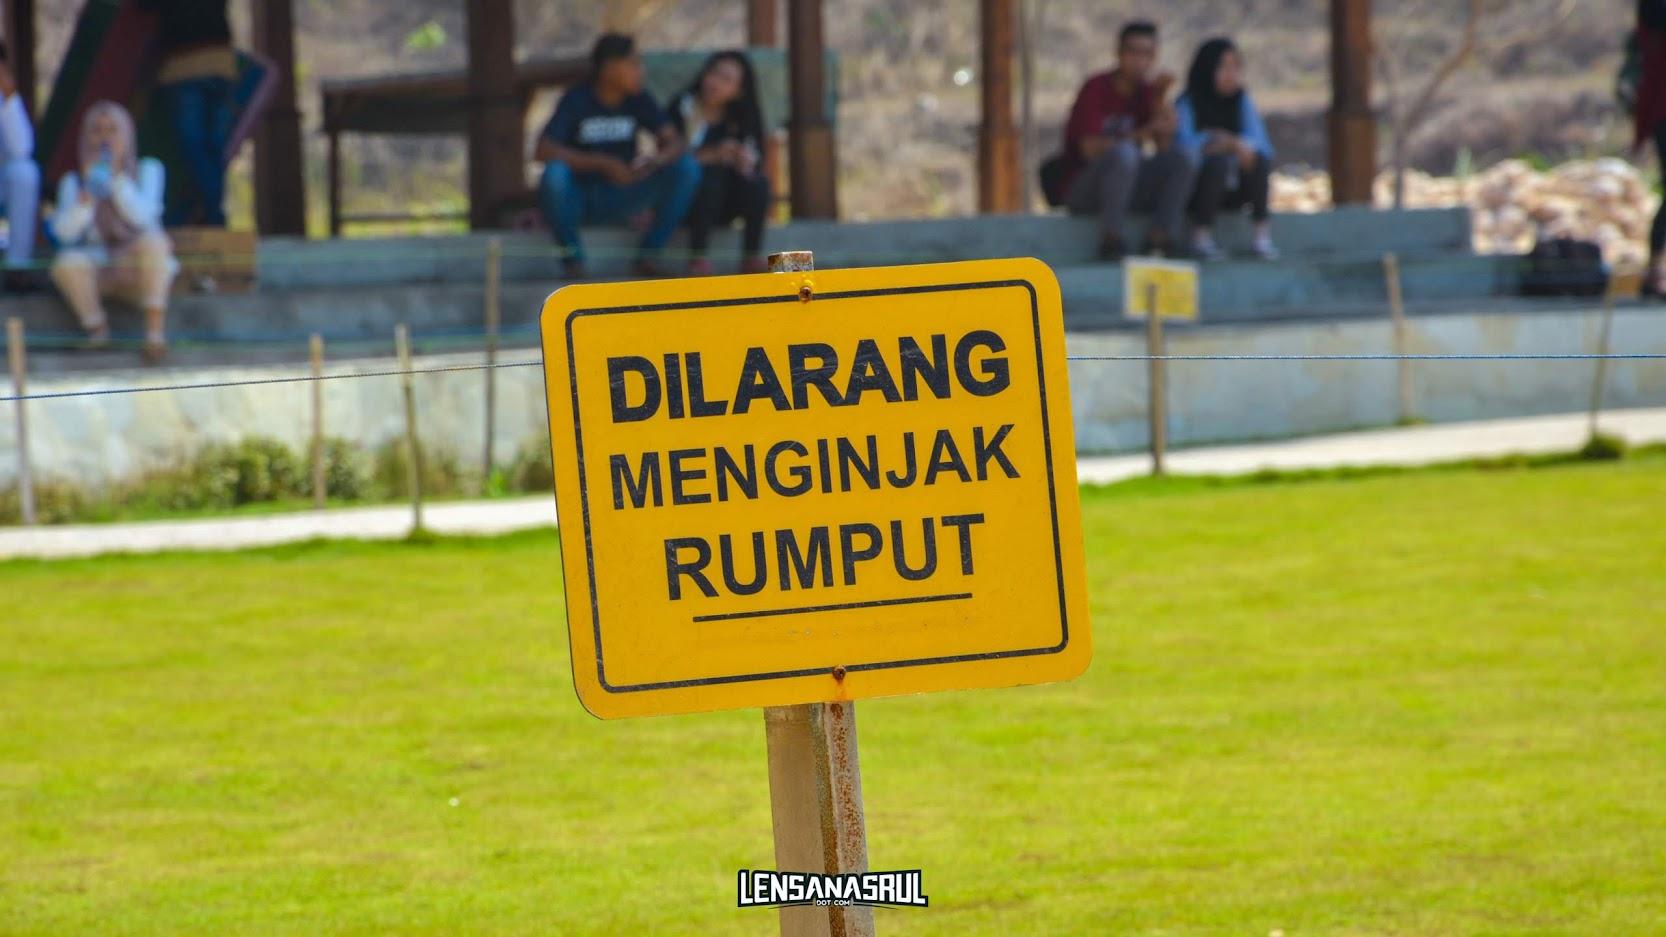 Dilarang menginjak rumput